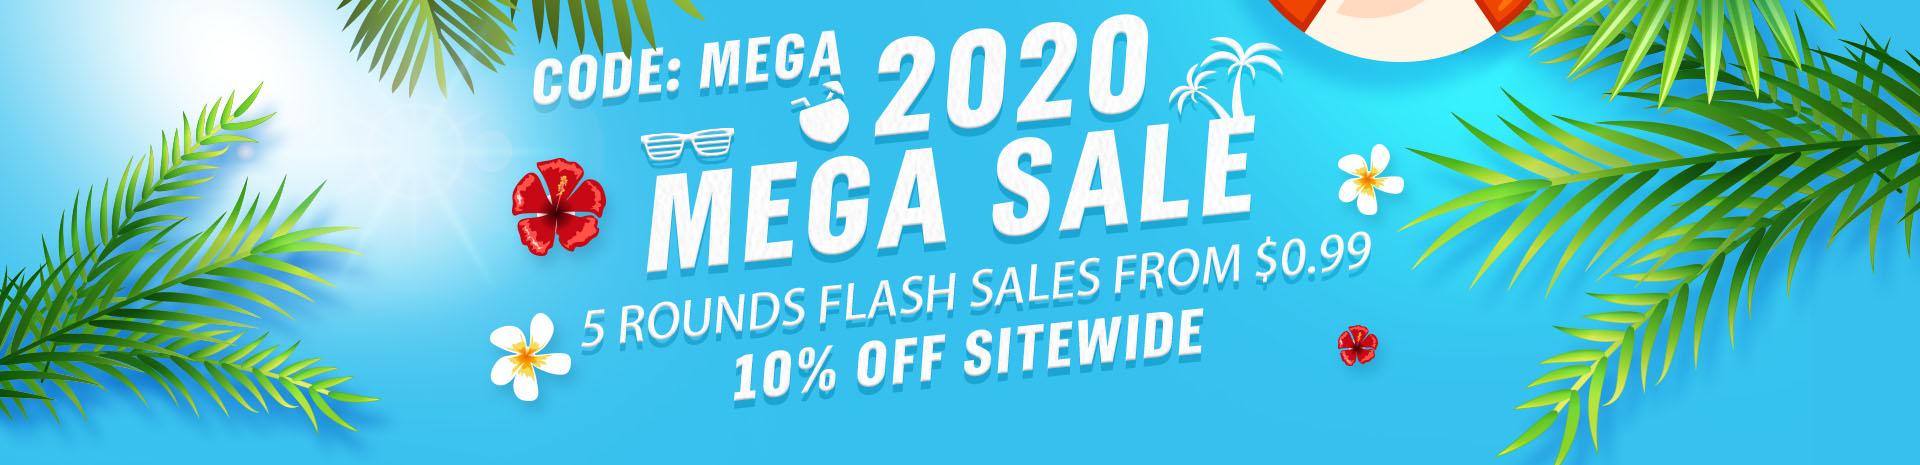 2020 Mega Sale Banner